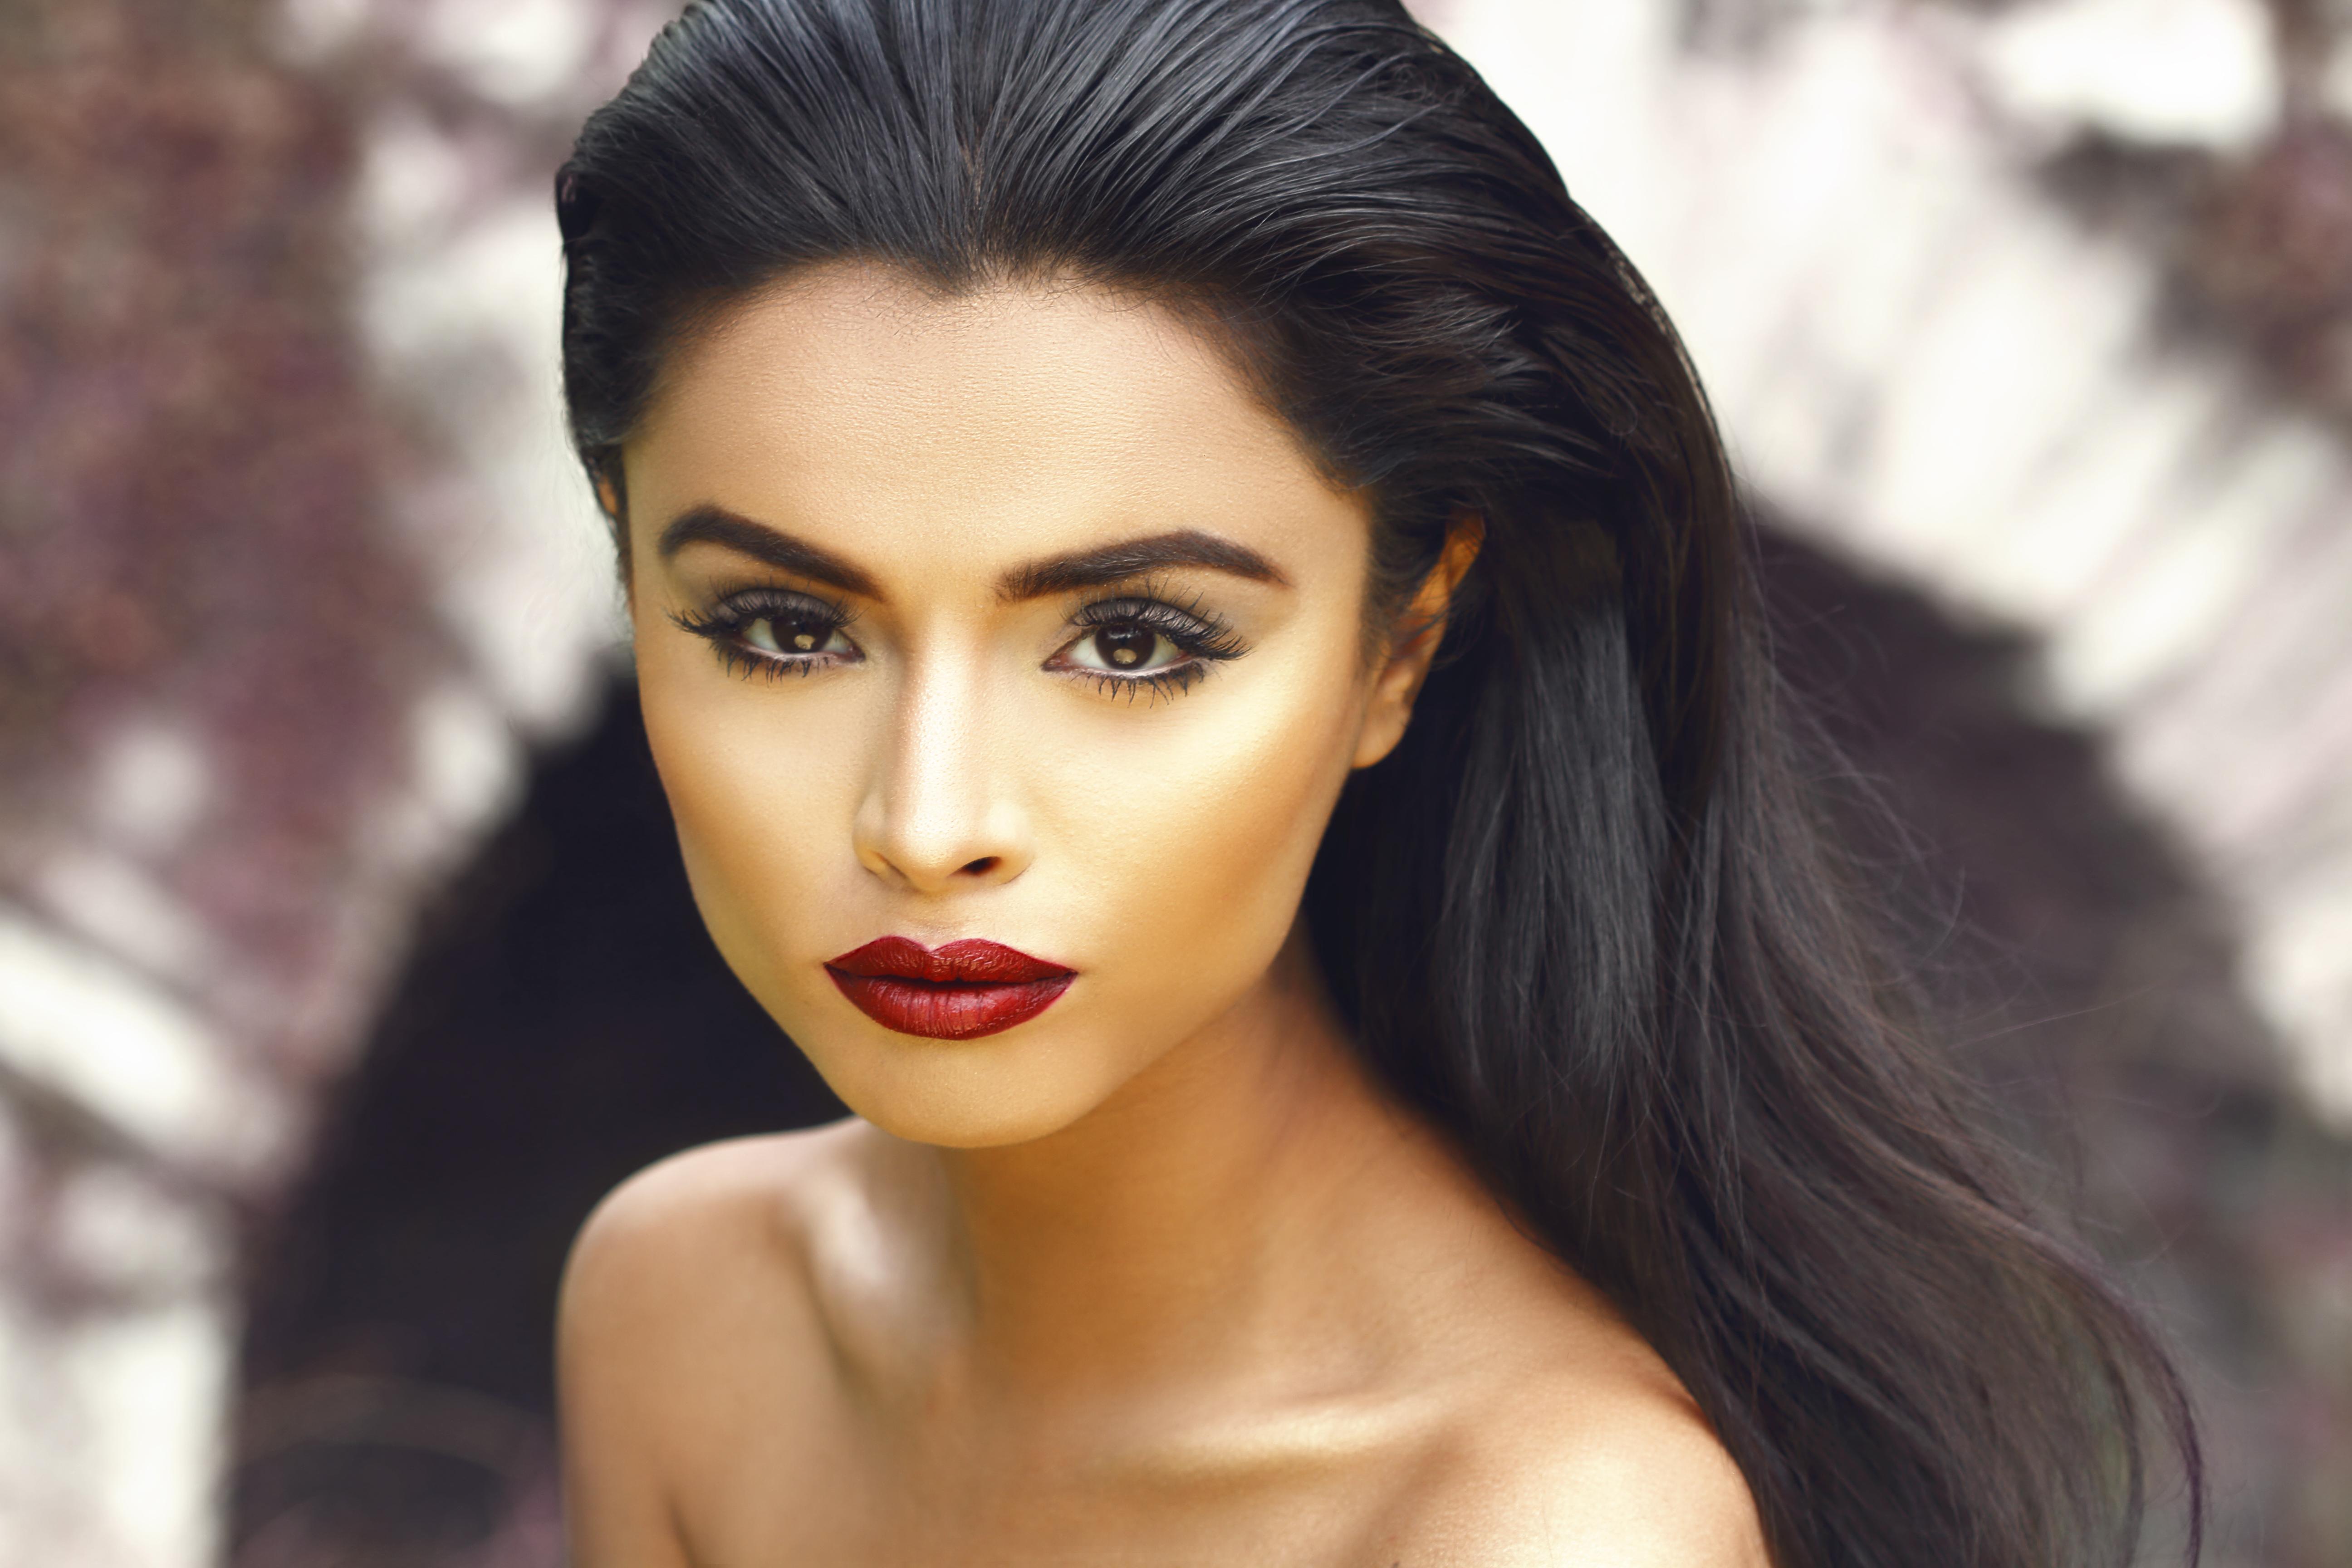 Tanya Make-up Artist